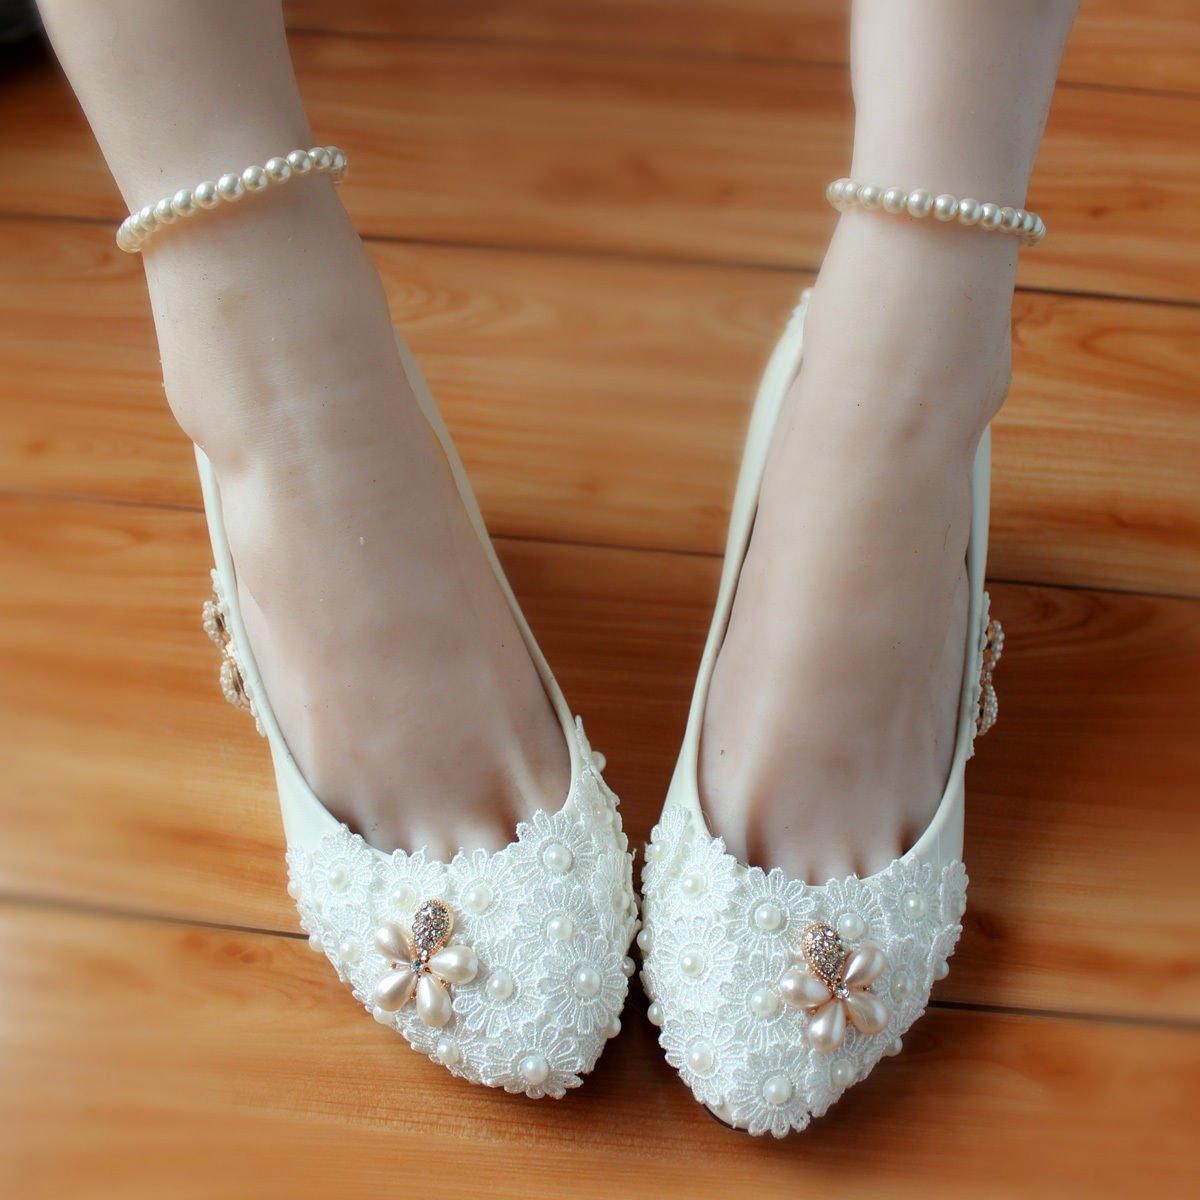 Blanc UK6 JINGXINSTORE Chaussures de mariée en dentelle or blanc rouge perle à la main à talons hauts